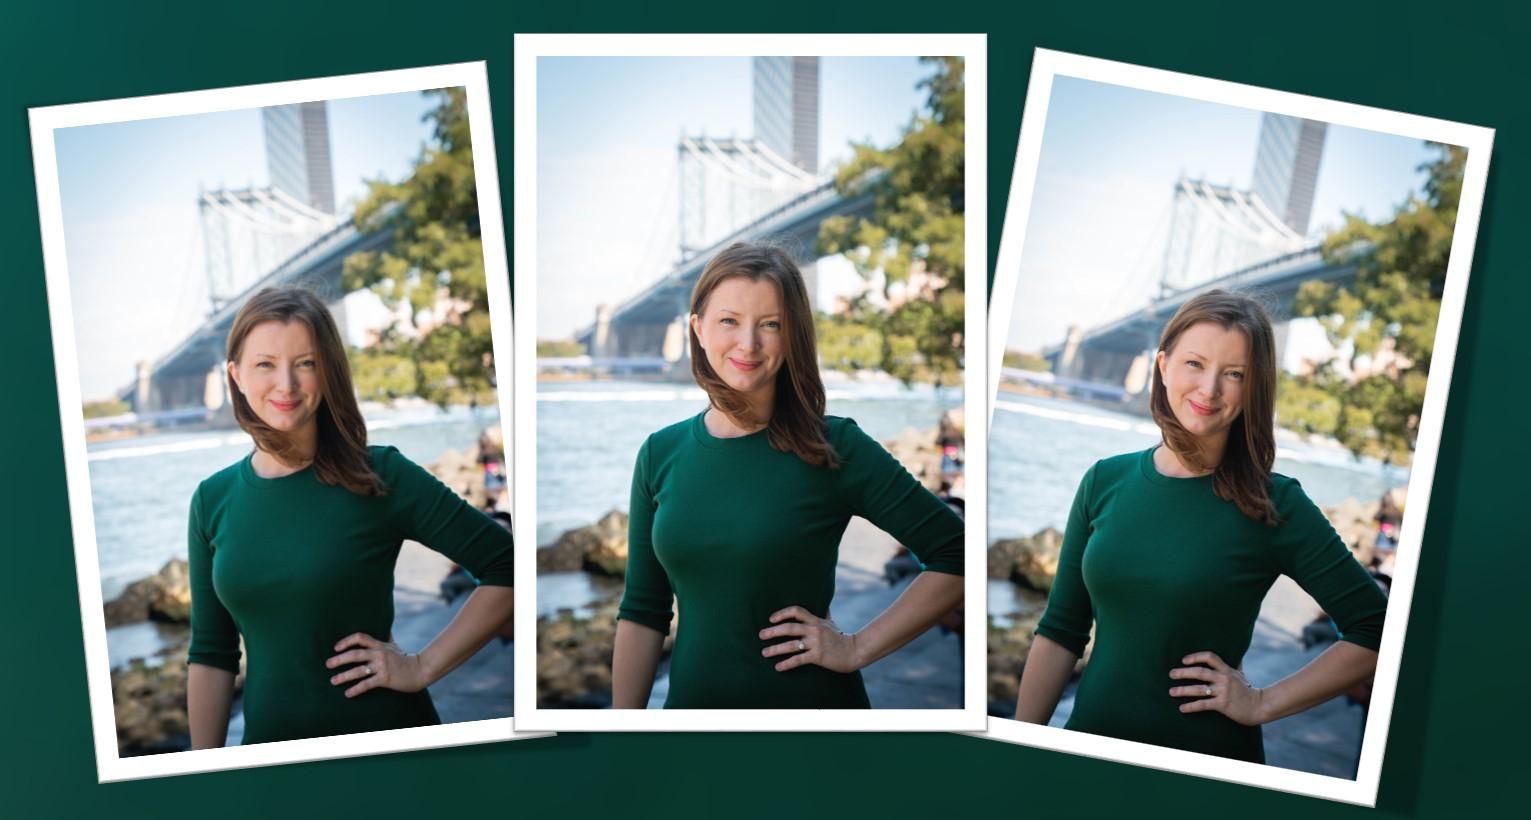 Christine McKenna-Tirella dressed in green with New York bridge in background